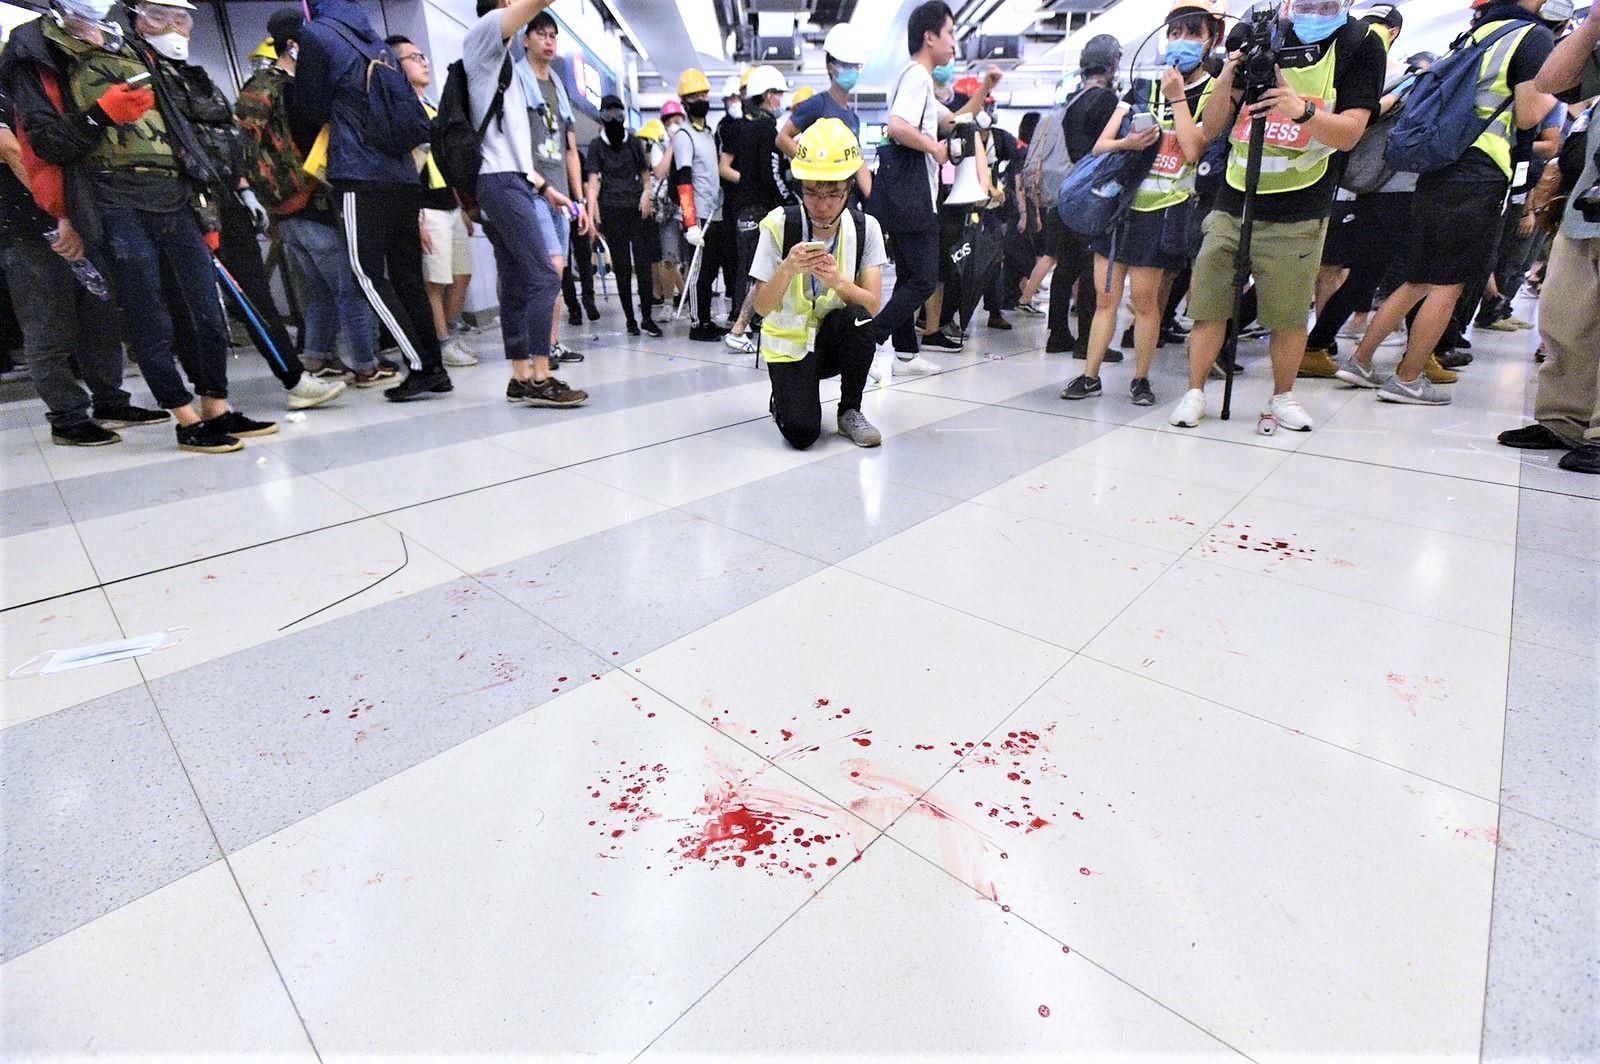 元朗衝突受傷人數增至23人 。